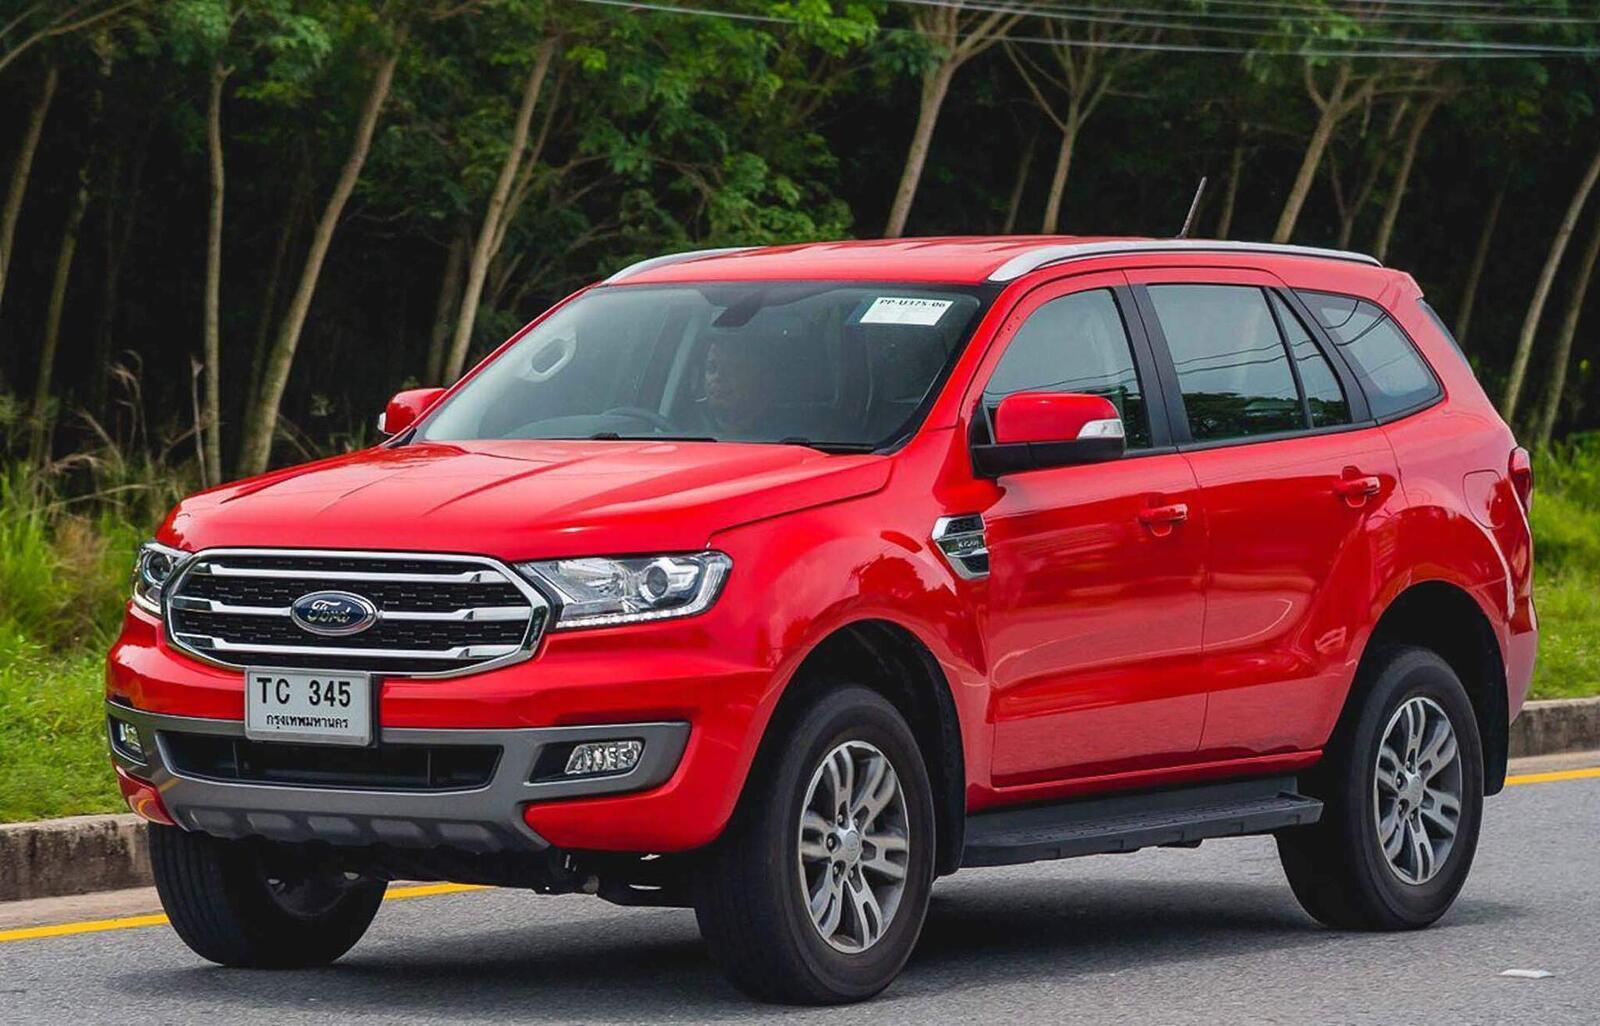 Ford Everest 2018 mở đặt cọc; giá tạm tính từ 900 triệu đến 1,35 tỷ đồng - Hình 1